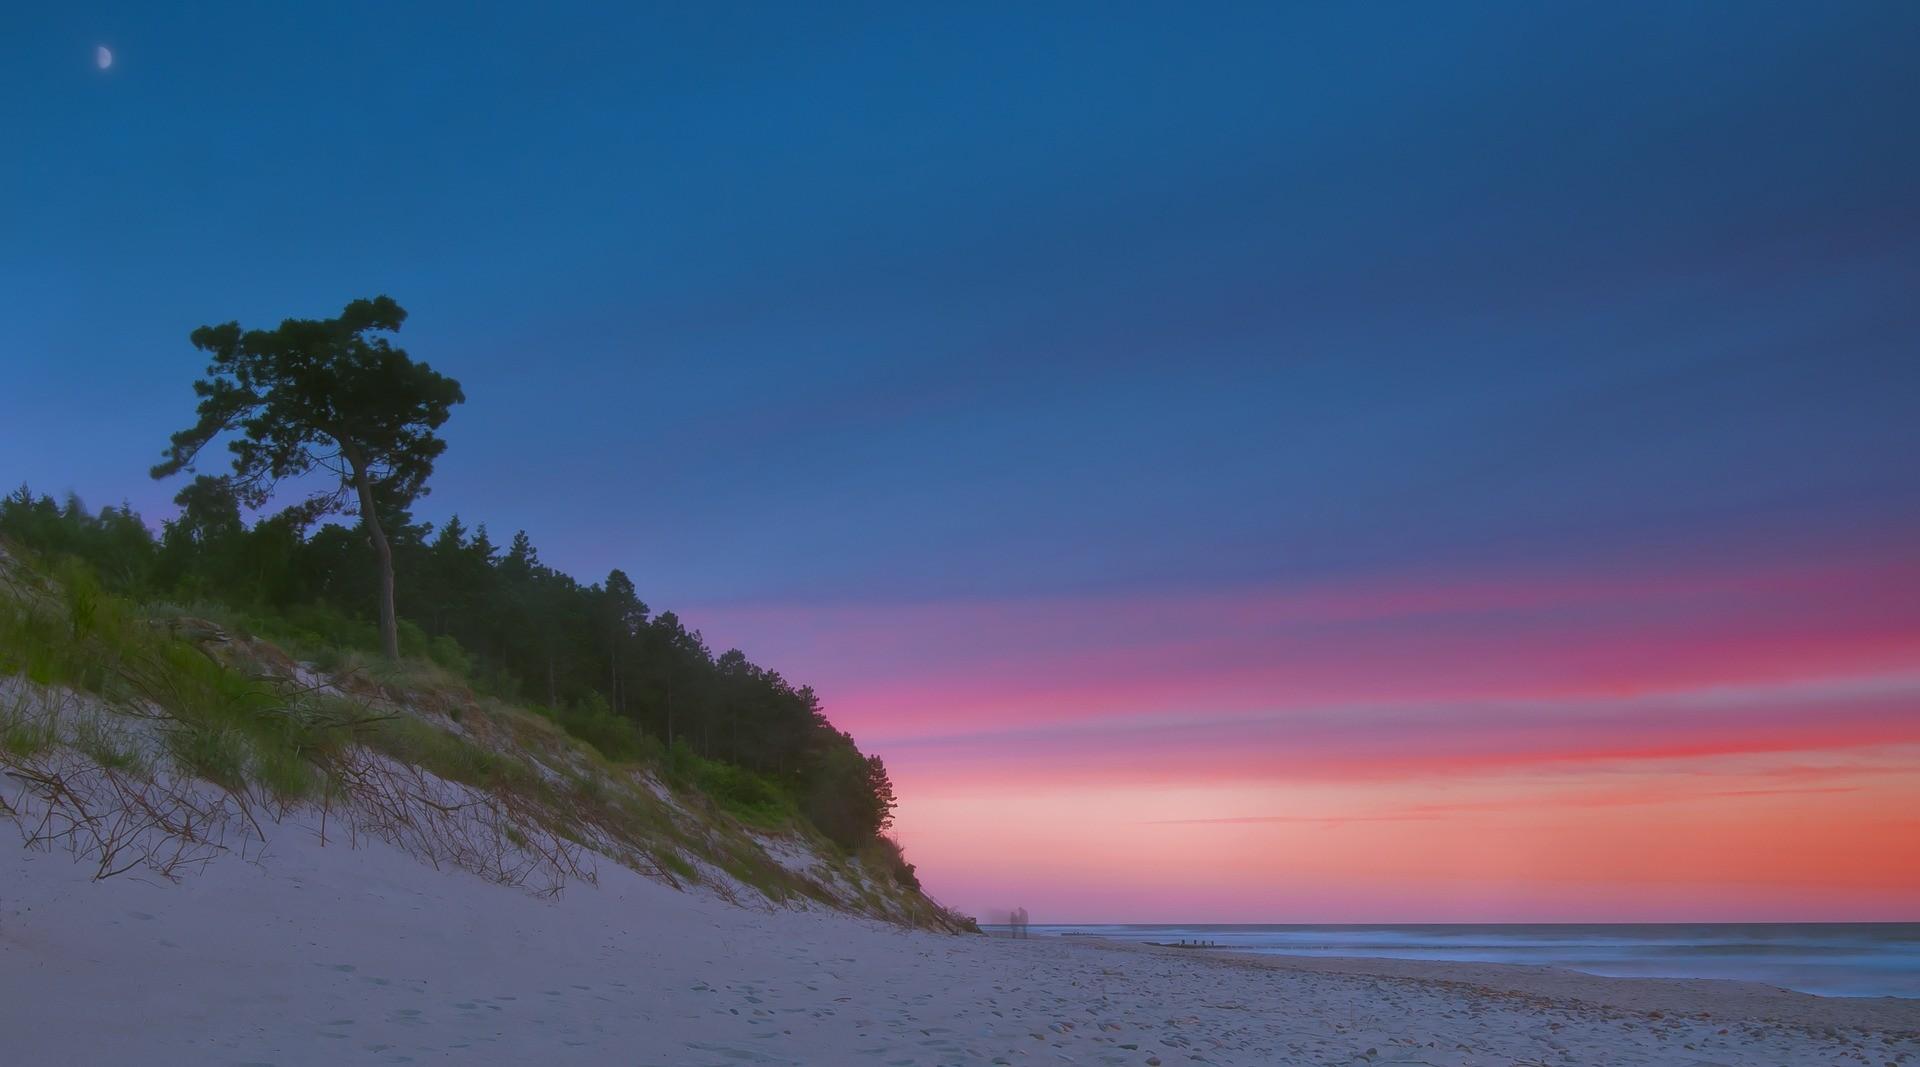 Seaside Holidays in Tri-city Area (1 week sightseeing + 1 week relax)